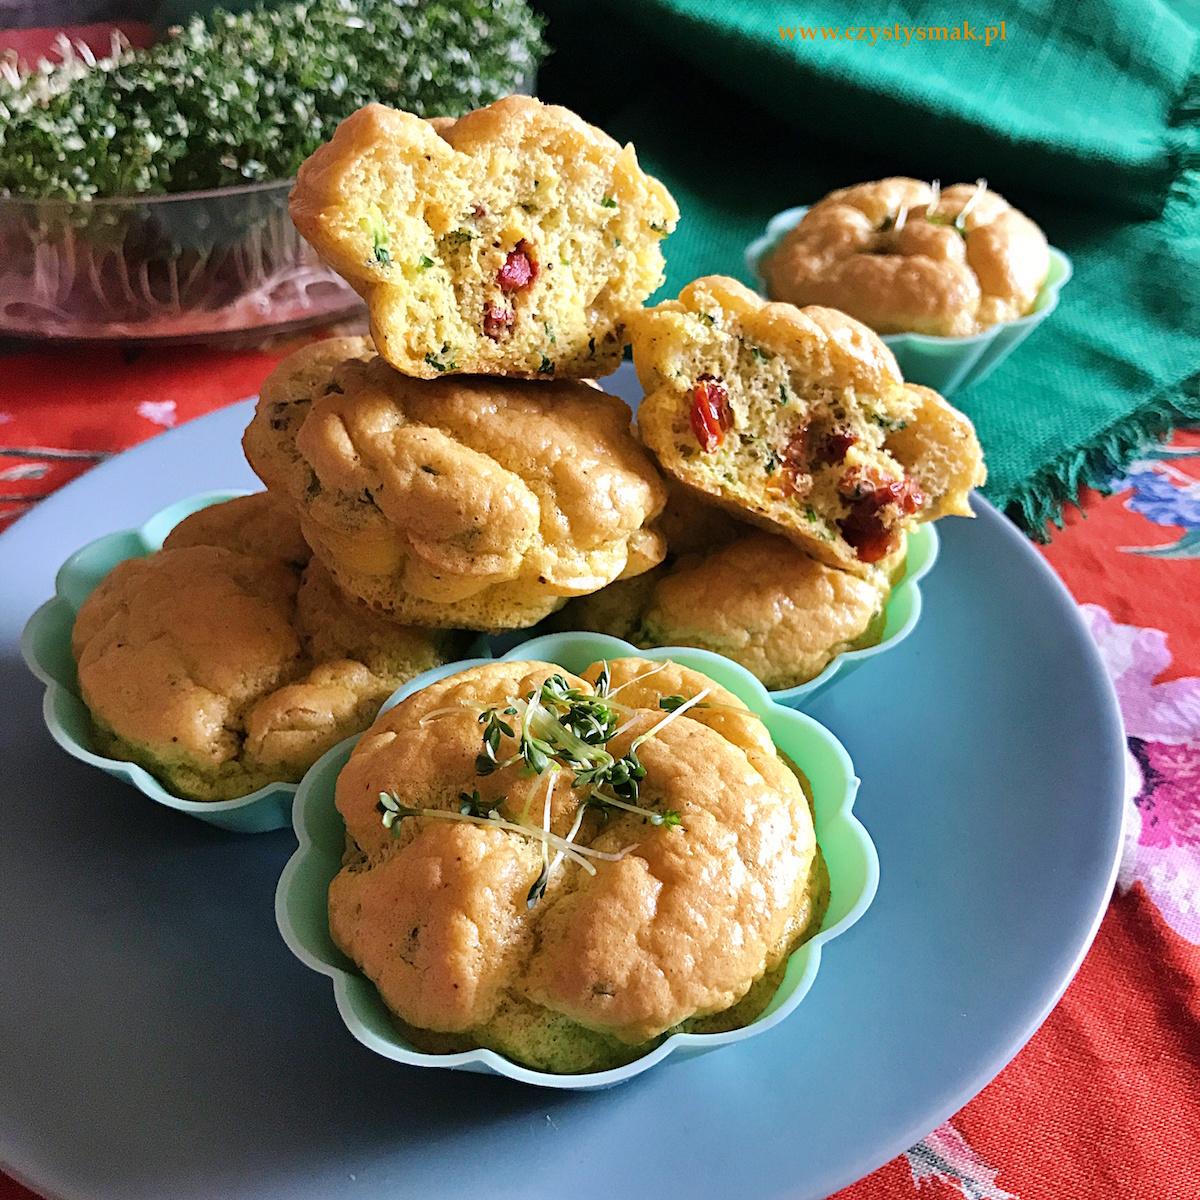 Jajeczno-orkiszowe muffiny z rzeżuchą